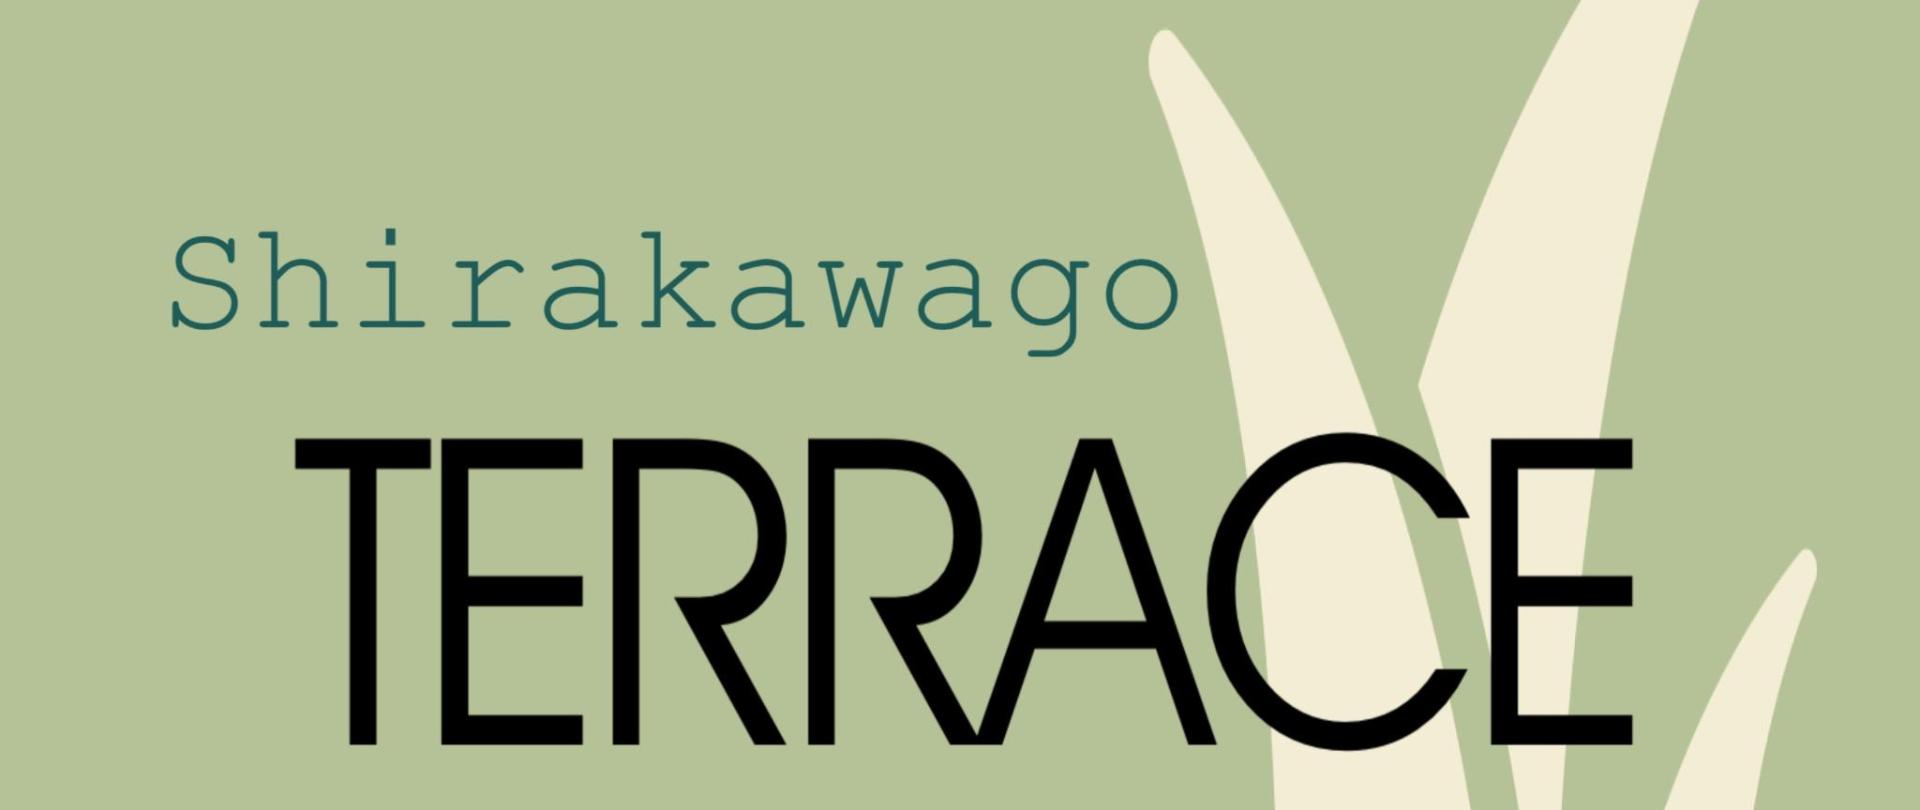 Shirakawago Terrace